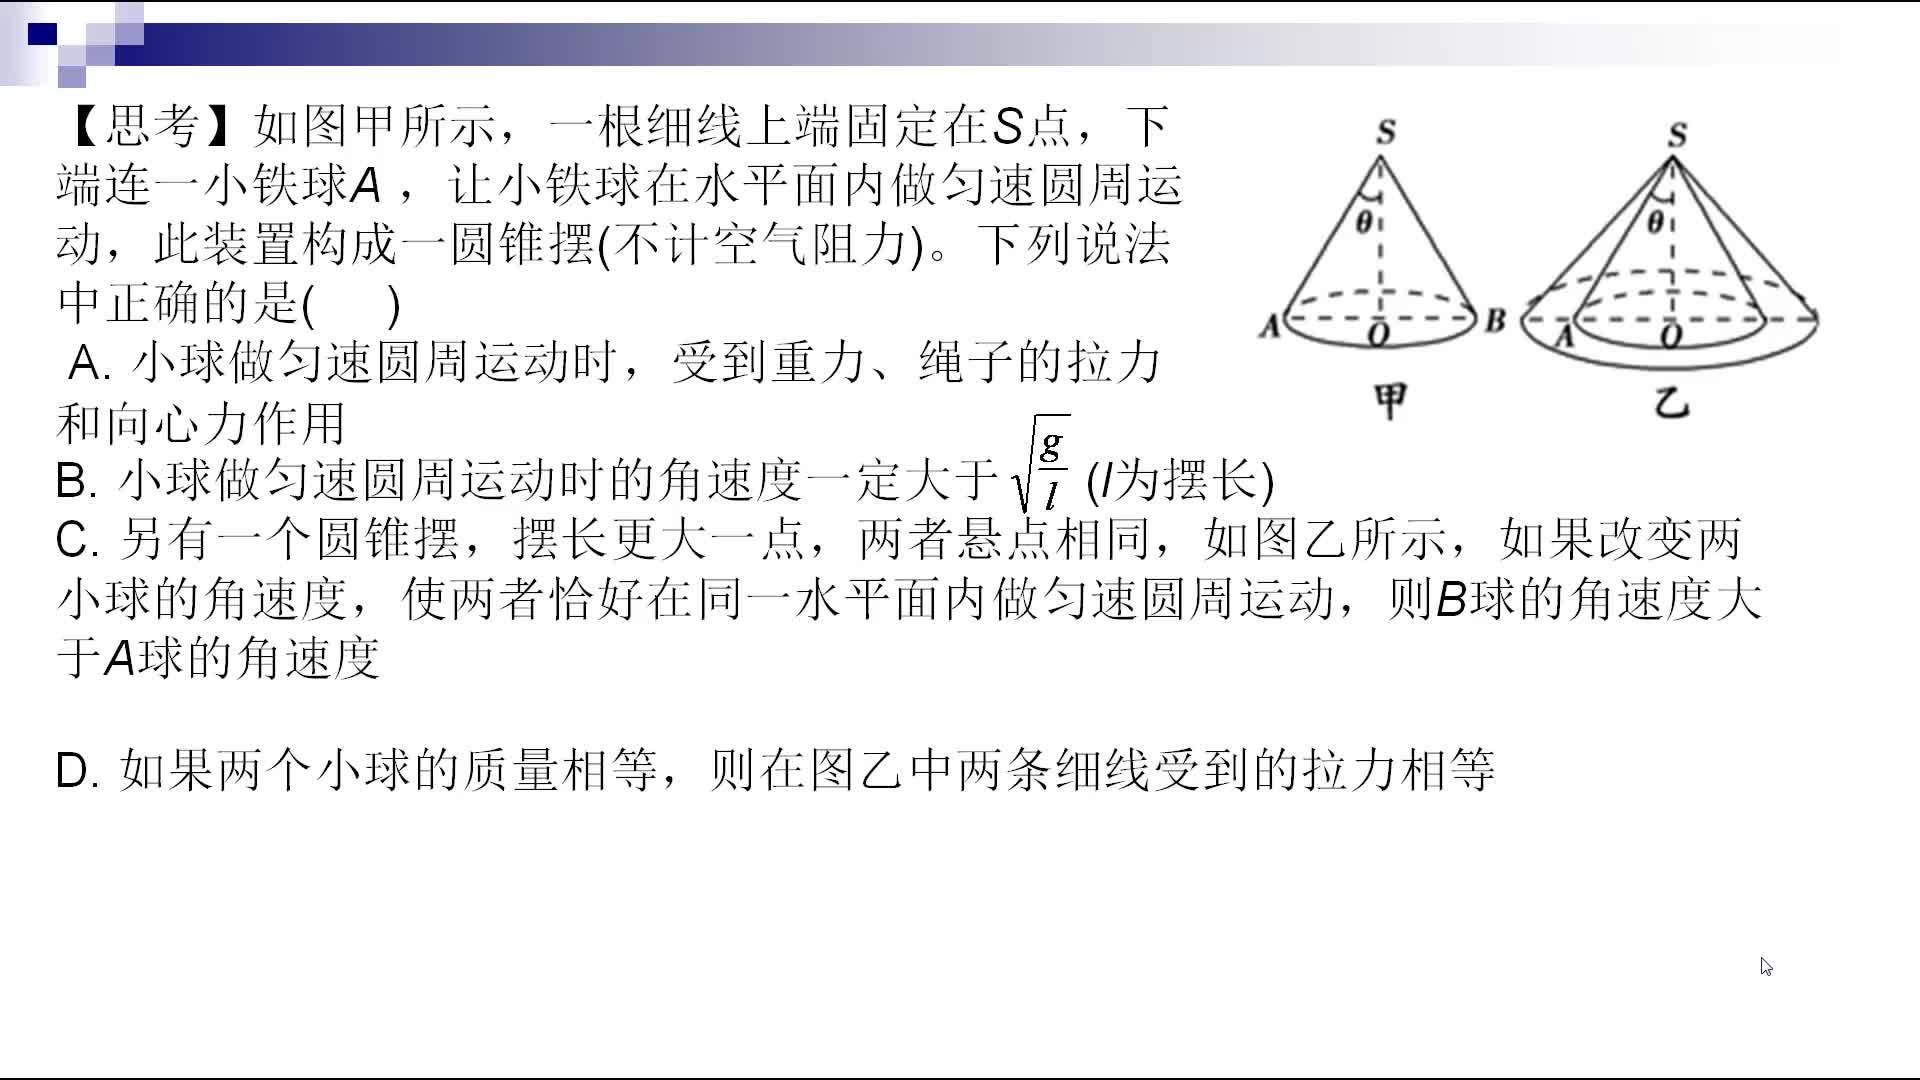 人教版 高中物理 必修二 5.6向心力  圆锥摆对比(曲线运动难点辨析)-视频微课堂